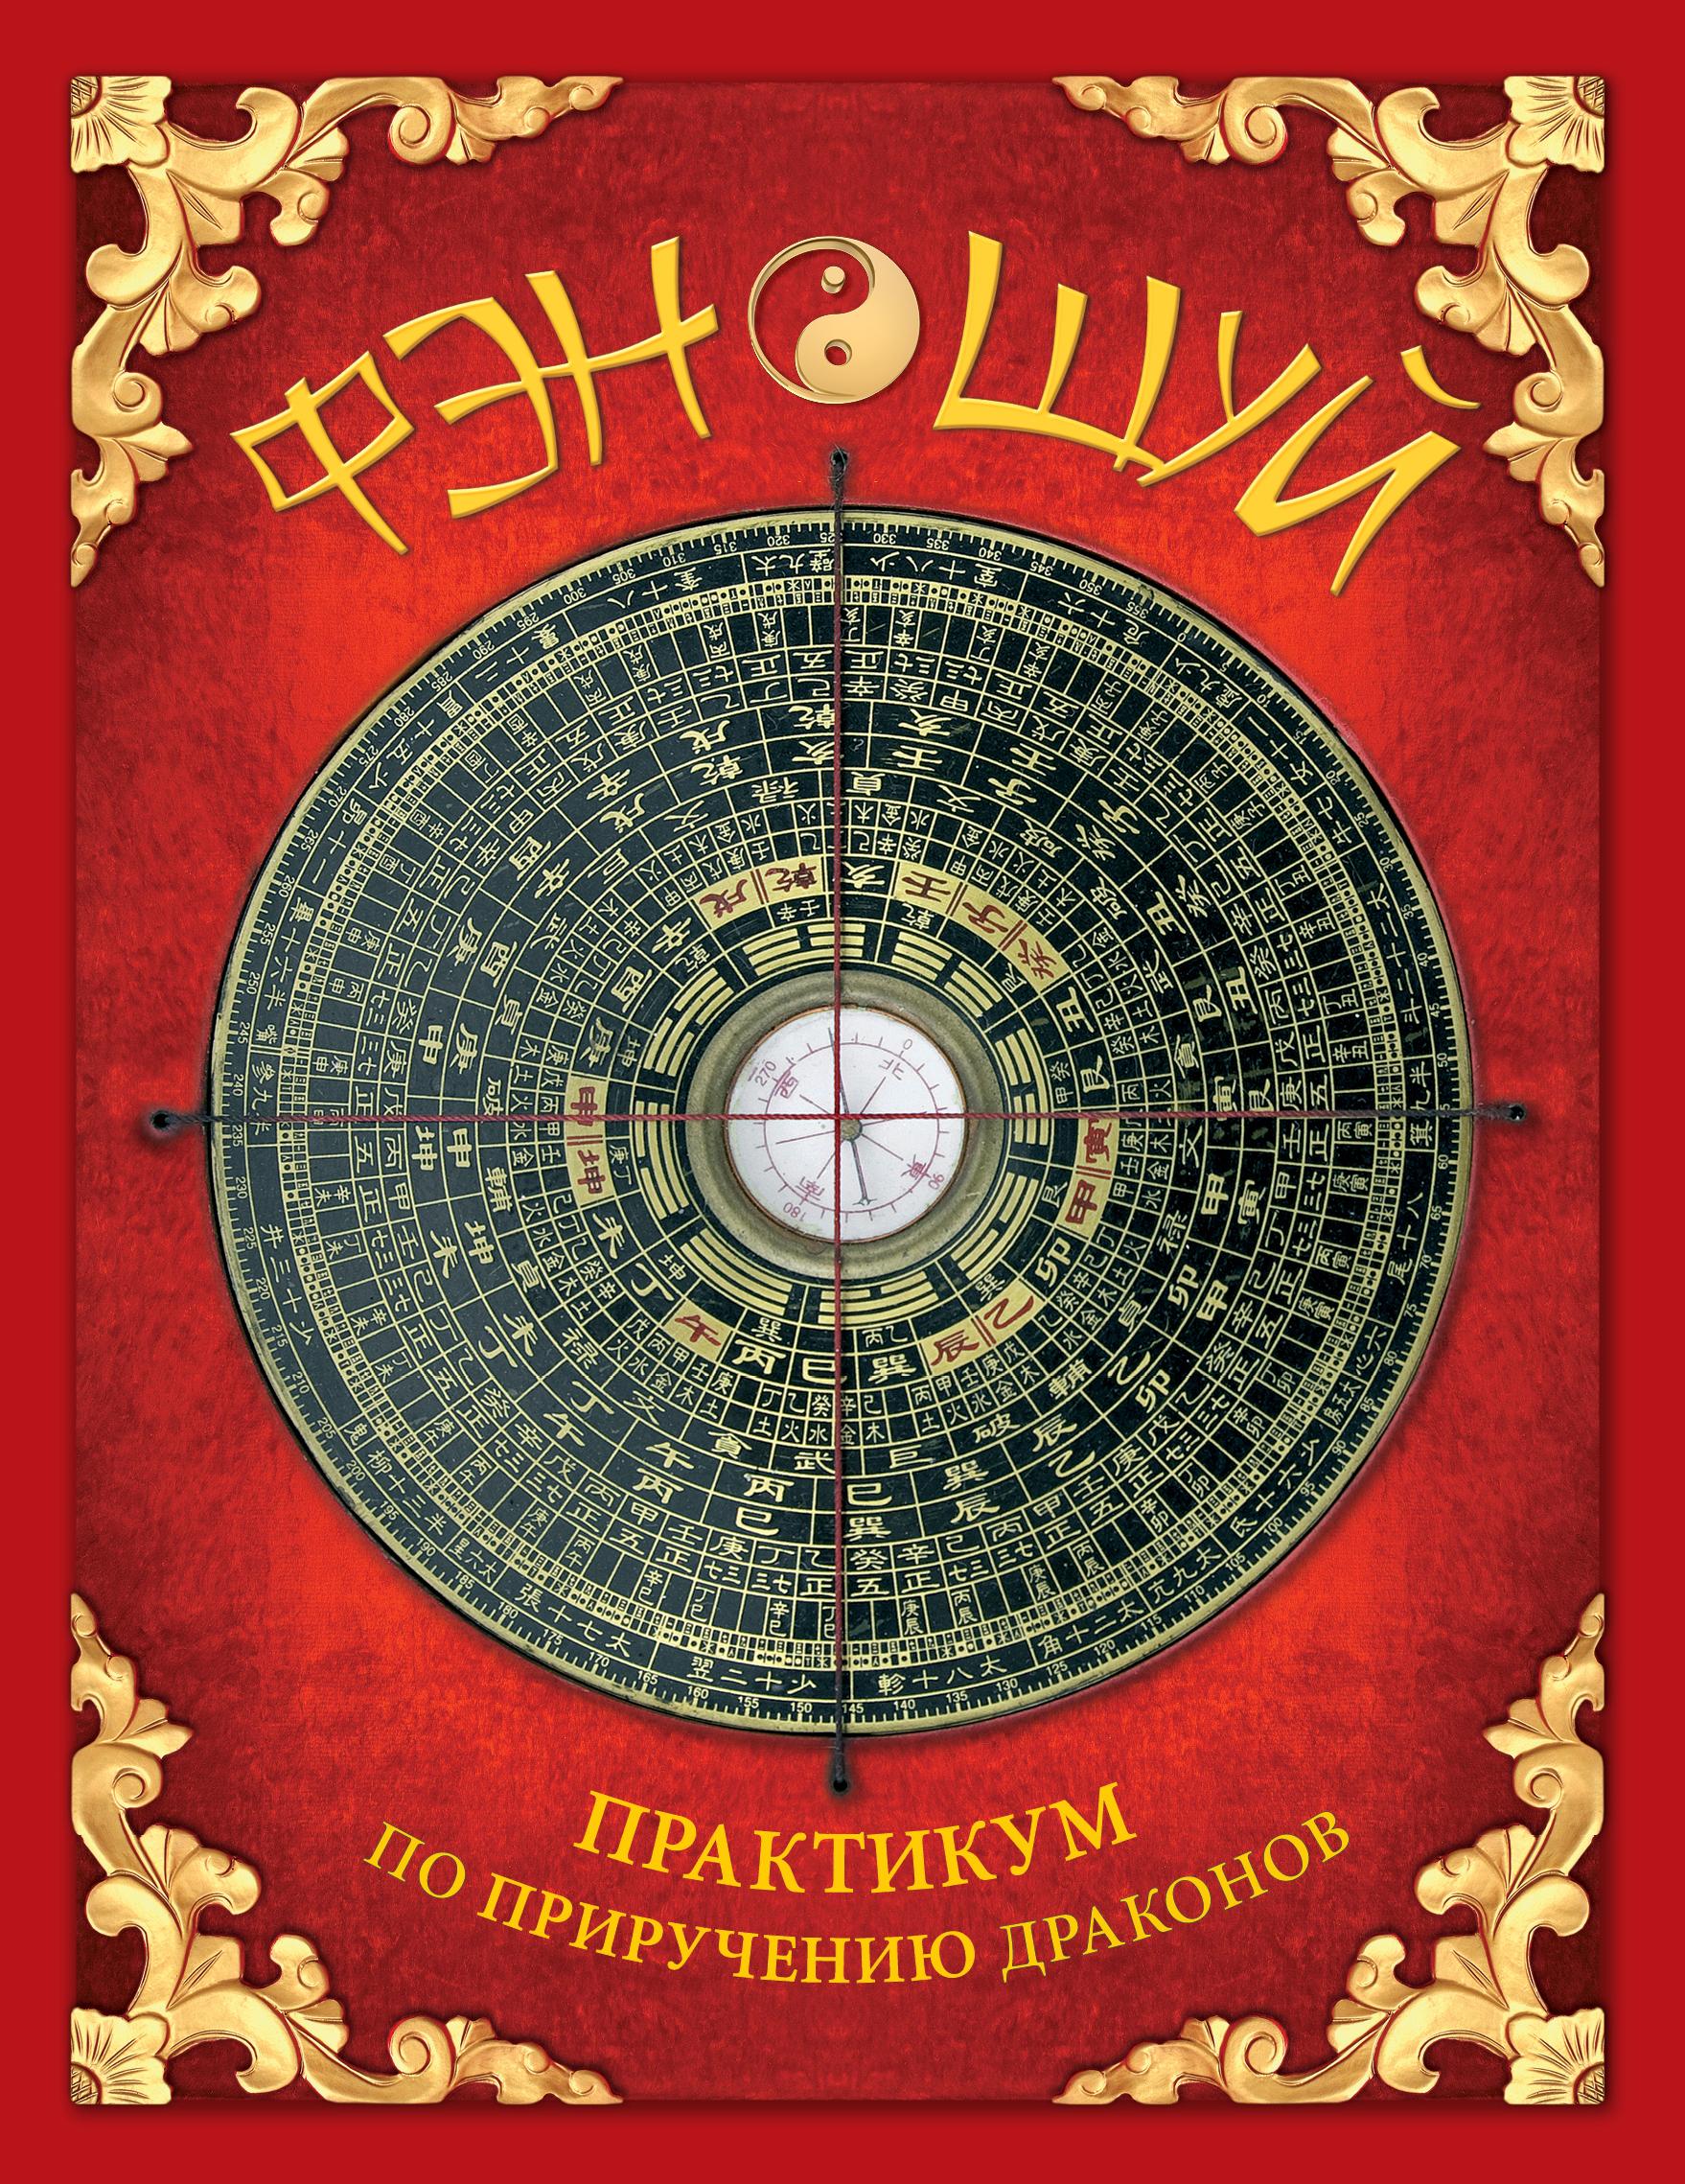 Фомина Ю.А. Фэн-шуй. Практикум по приручению драконов (книга с интерактивными элементами)